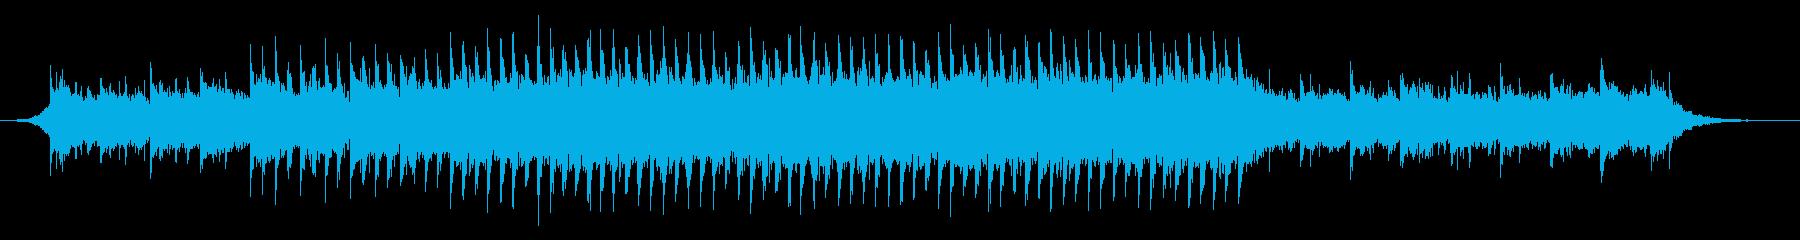 企業VP・コーポレートの再生済みの波形